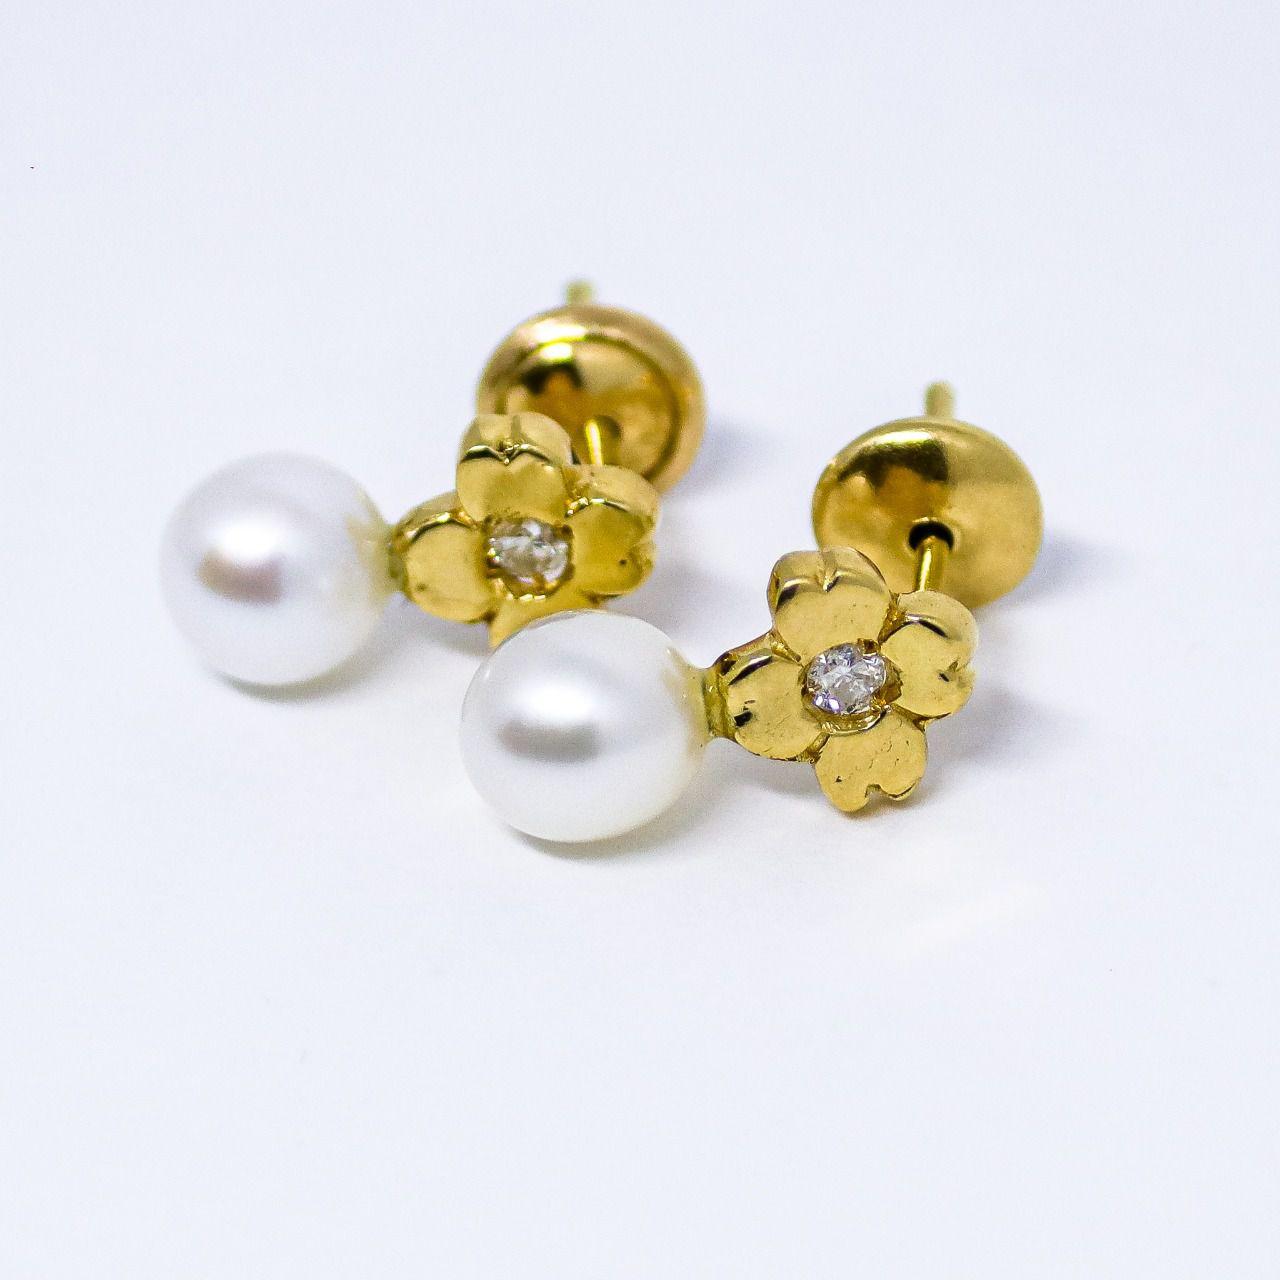 Brinco ouro 18k trevo com diamante e pérolas.